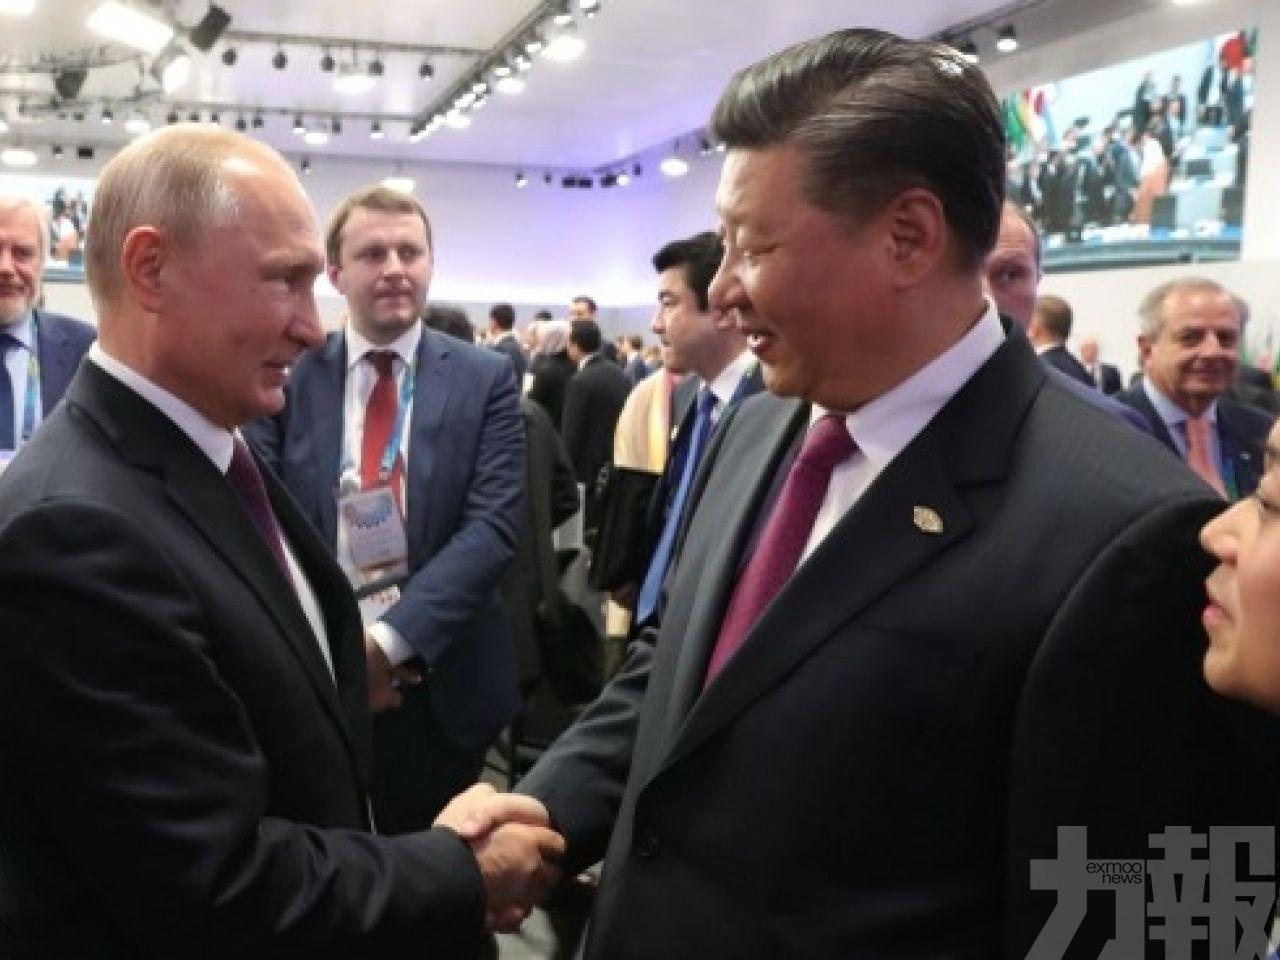 習近平6月將國事訪問俄羅斯